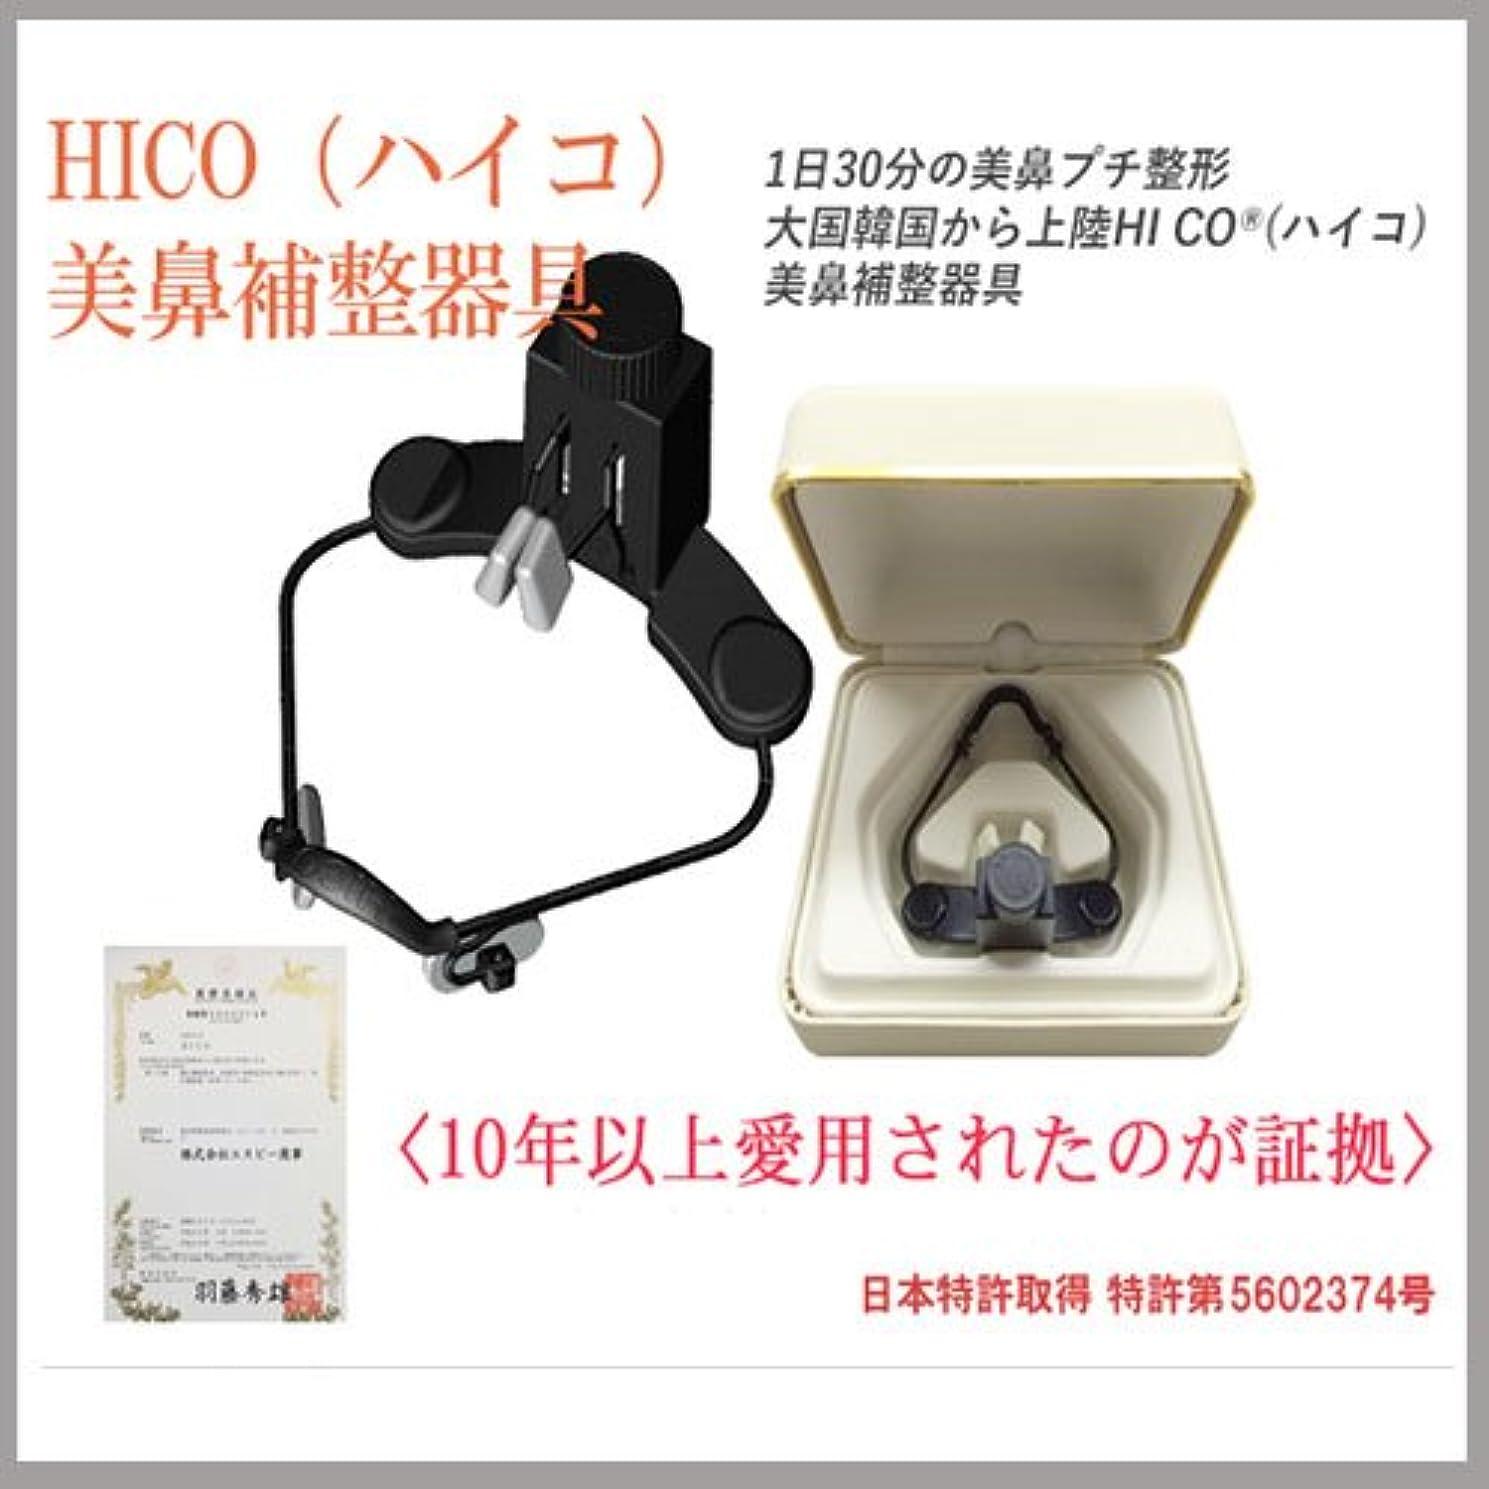 ブルーベル針減衰ハイコ(HICO) ◆美鼻サポート器具